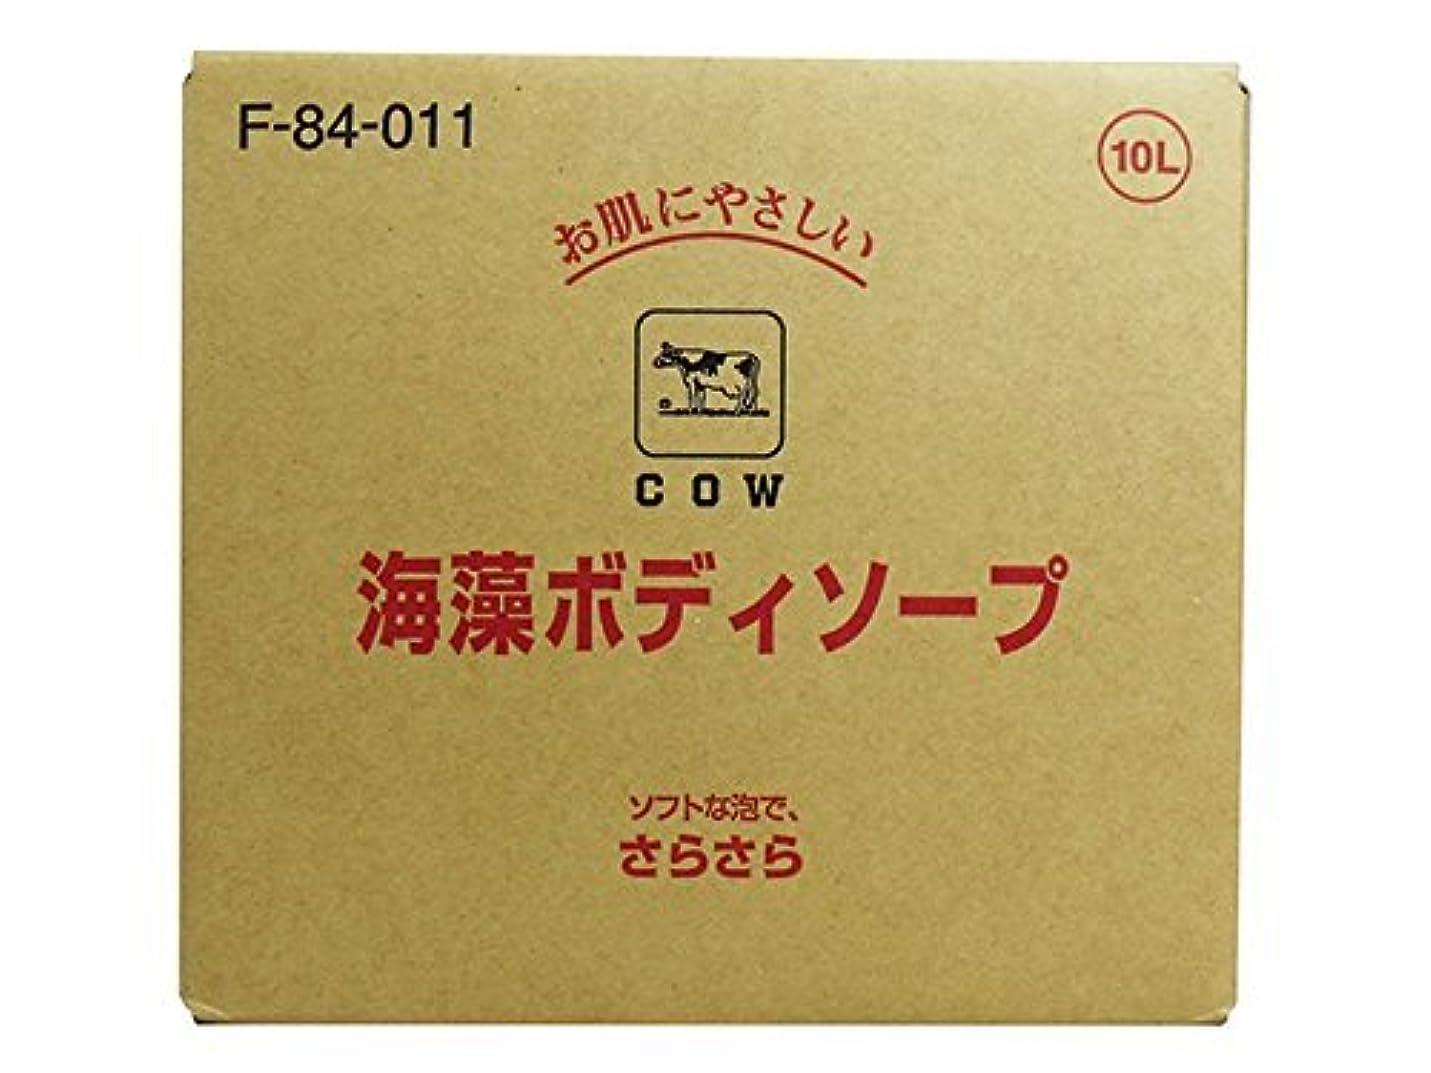 美的フルーティー休日に業務用ボディーソープ【牛乳ブランド 海藻ボディソープ 10L】